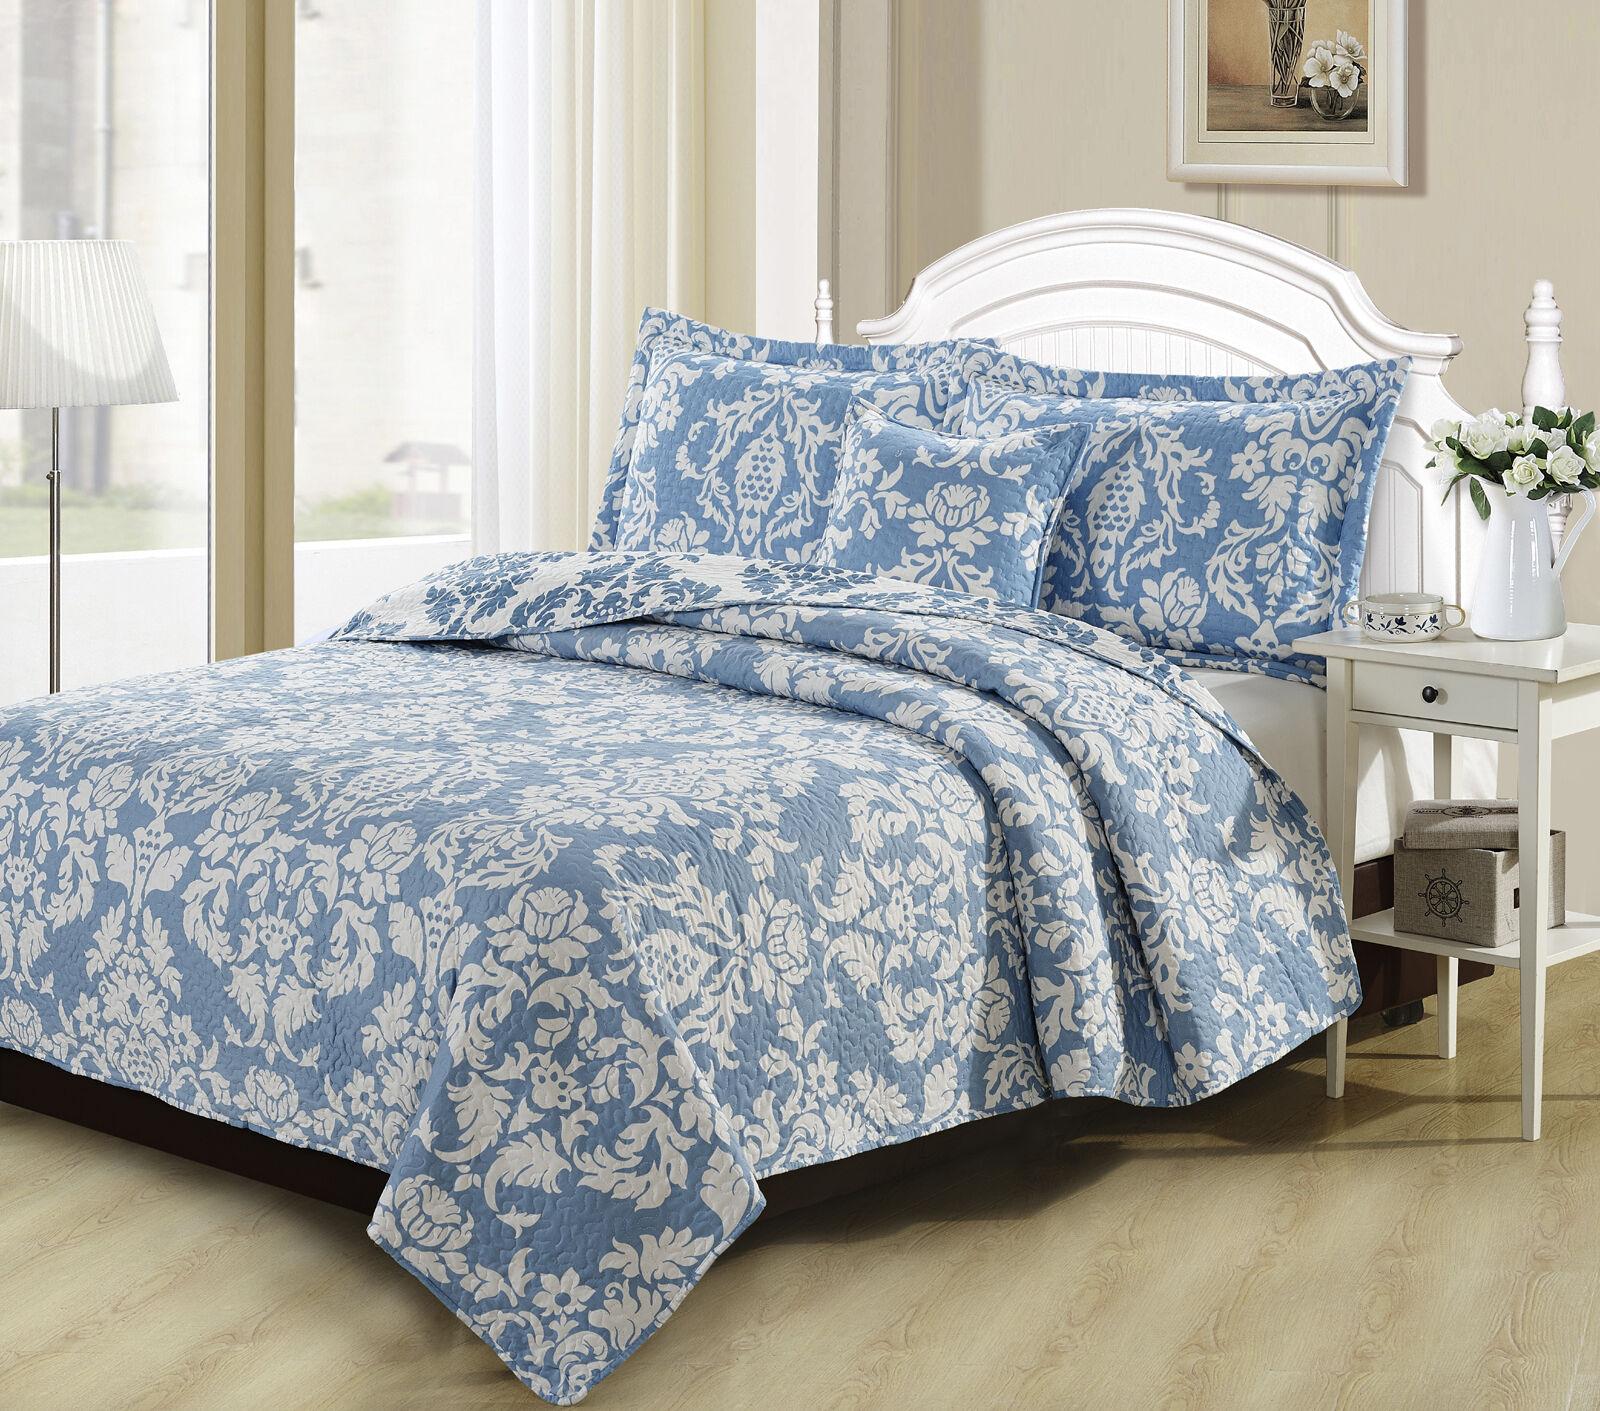 DaDa Bedding Elegant Jacquard Damask Blue Floral Quilted Bed